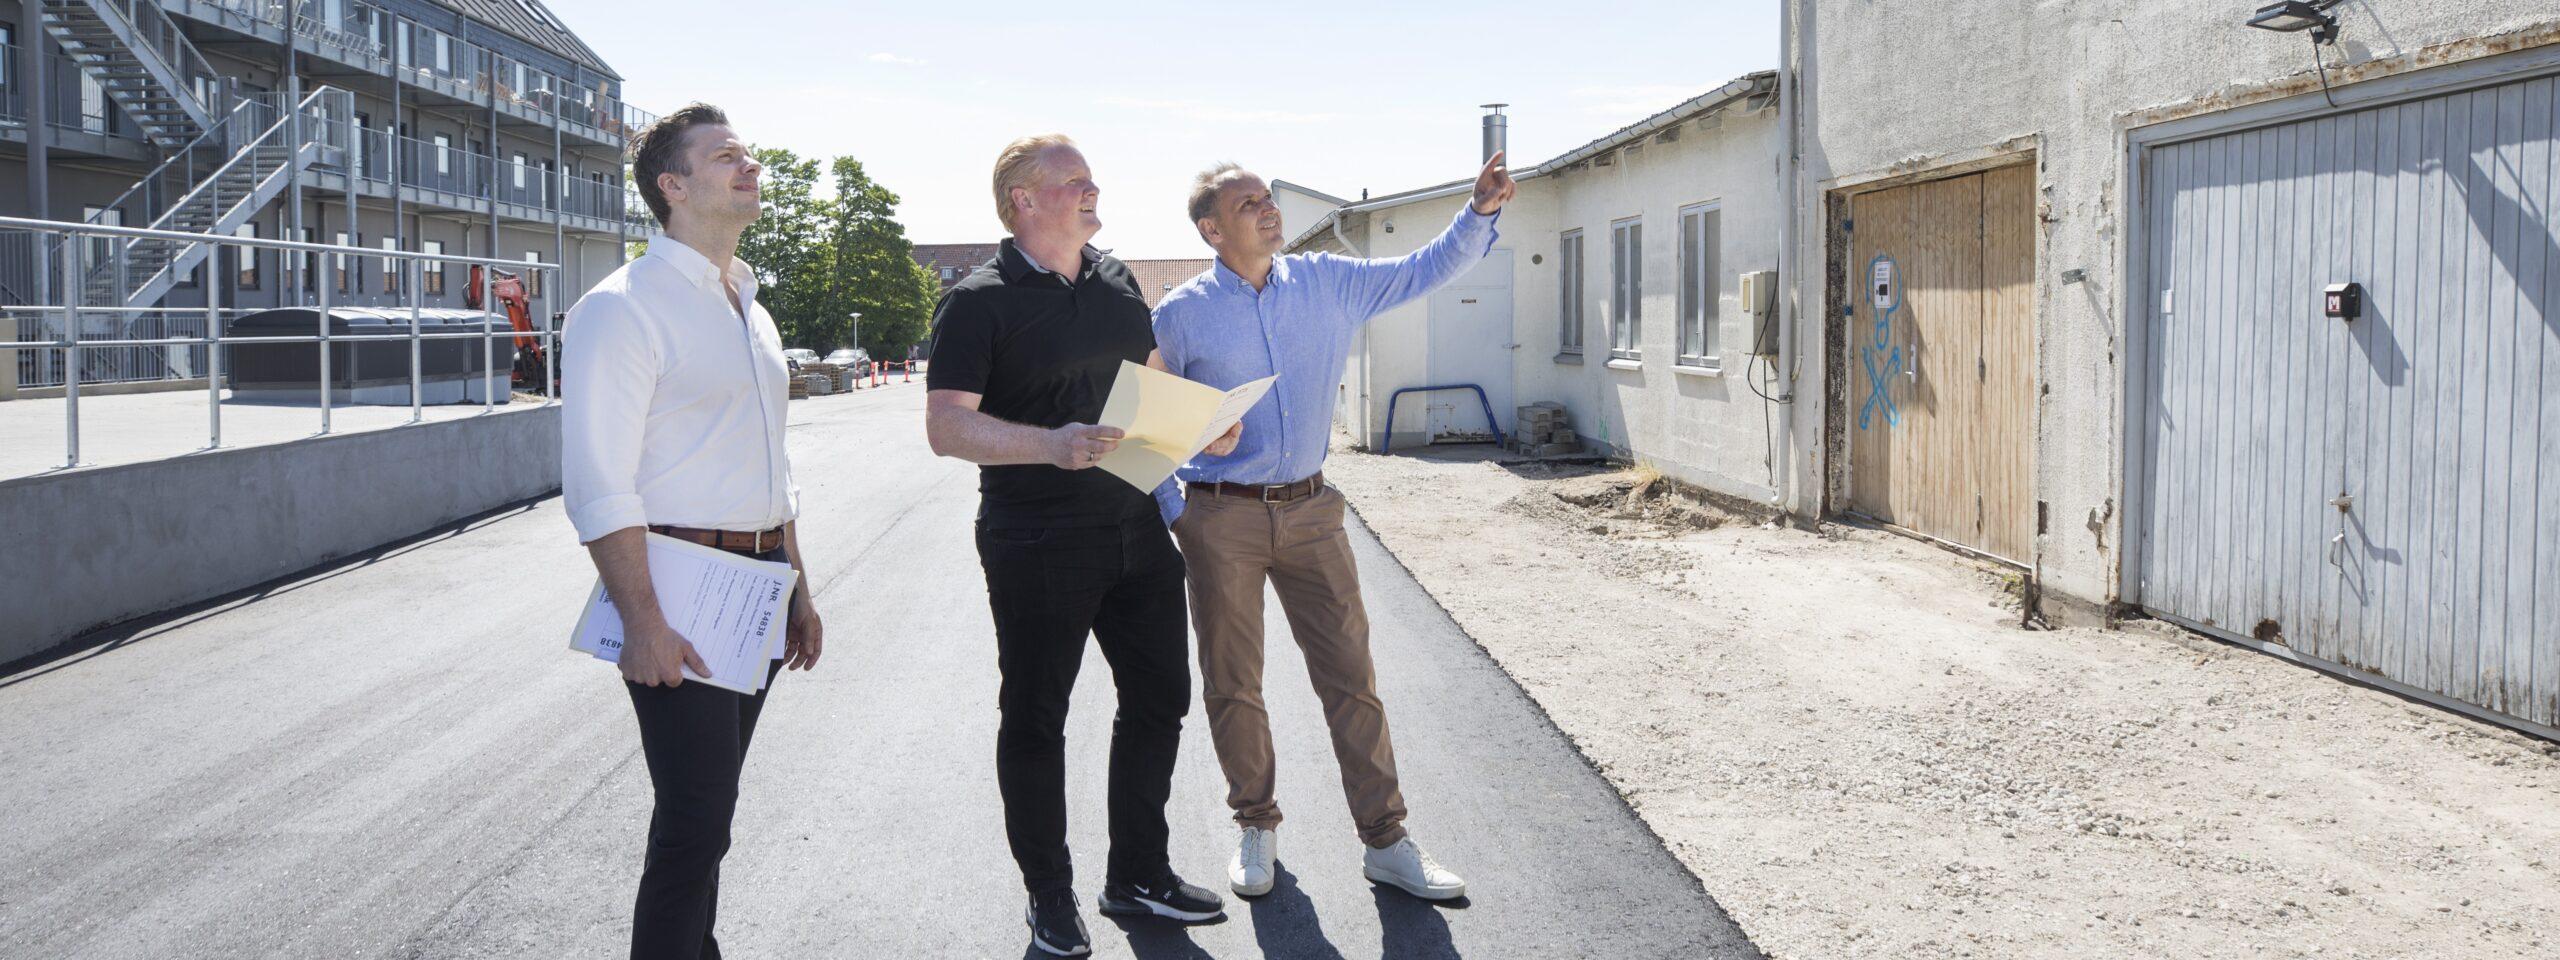 To Skel.dk medarbejdere ved Oslo Plads